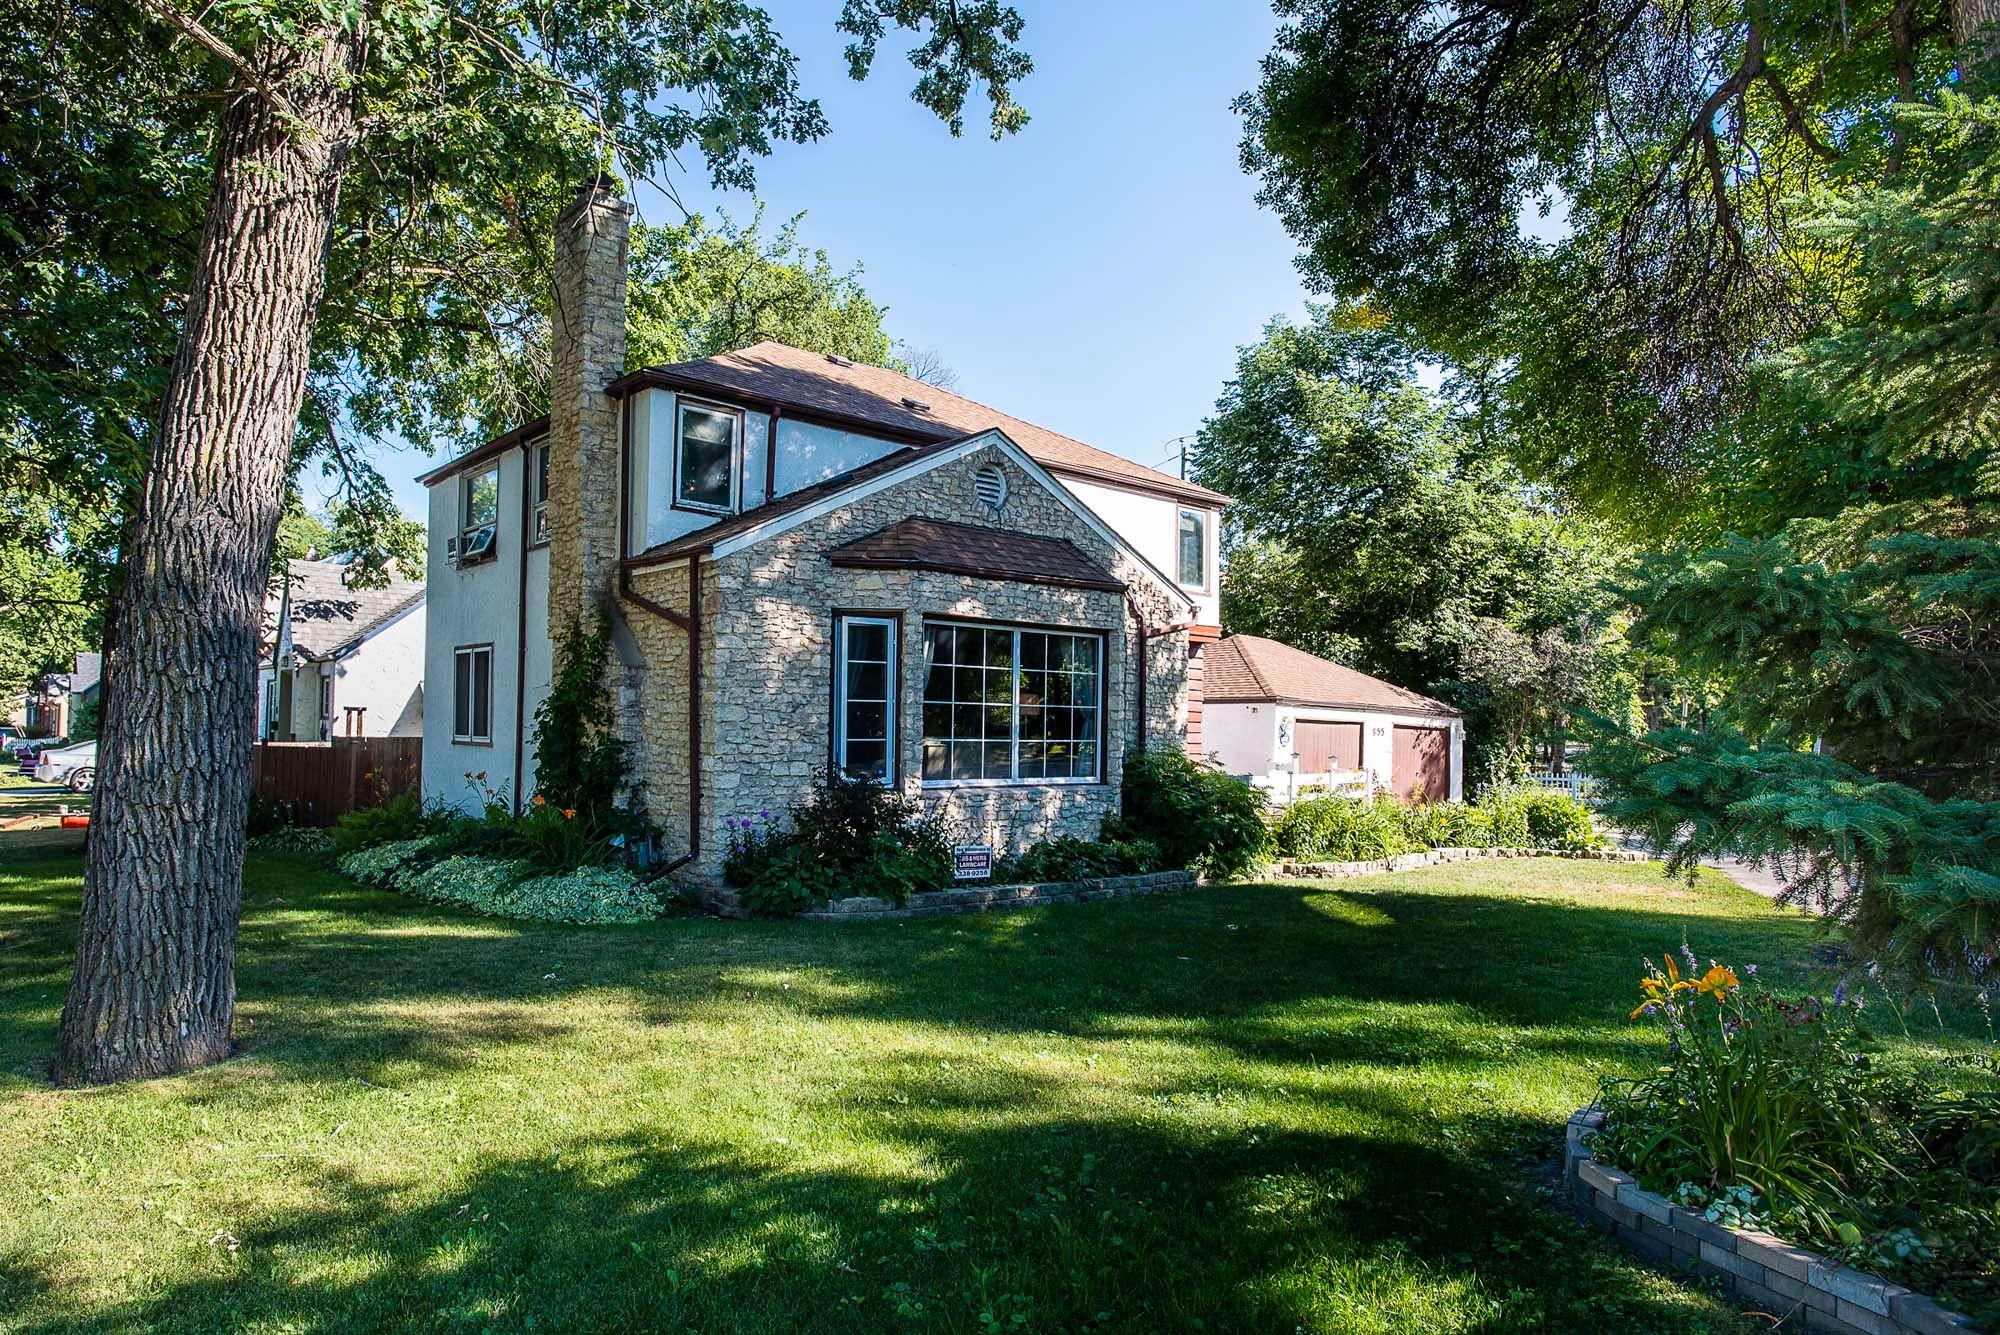 Main Photo: 855 Kildonan Drive in Winnipeg: Fraser's Grove Residential for sale (3C)  : MLS®# 202018504